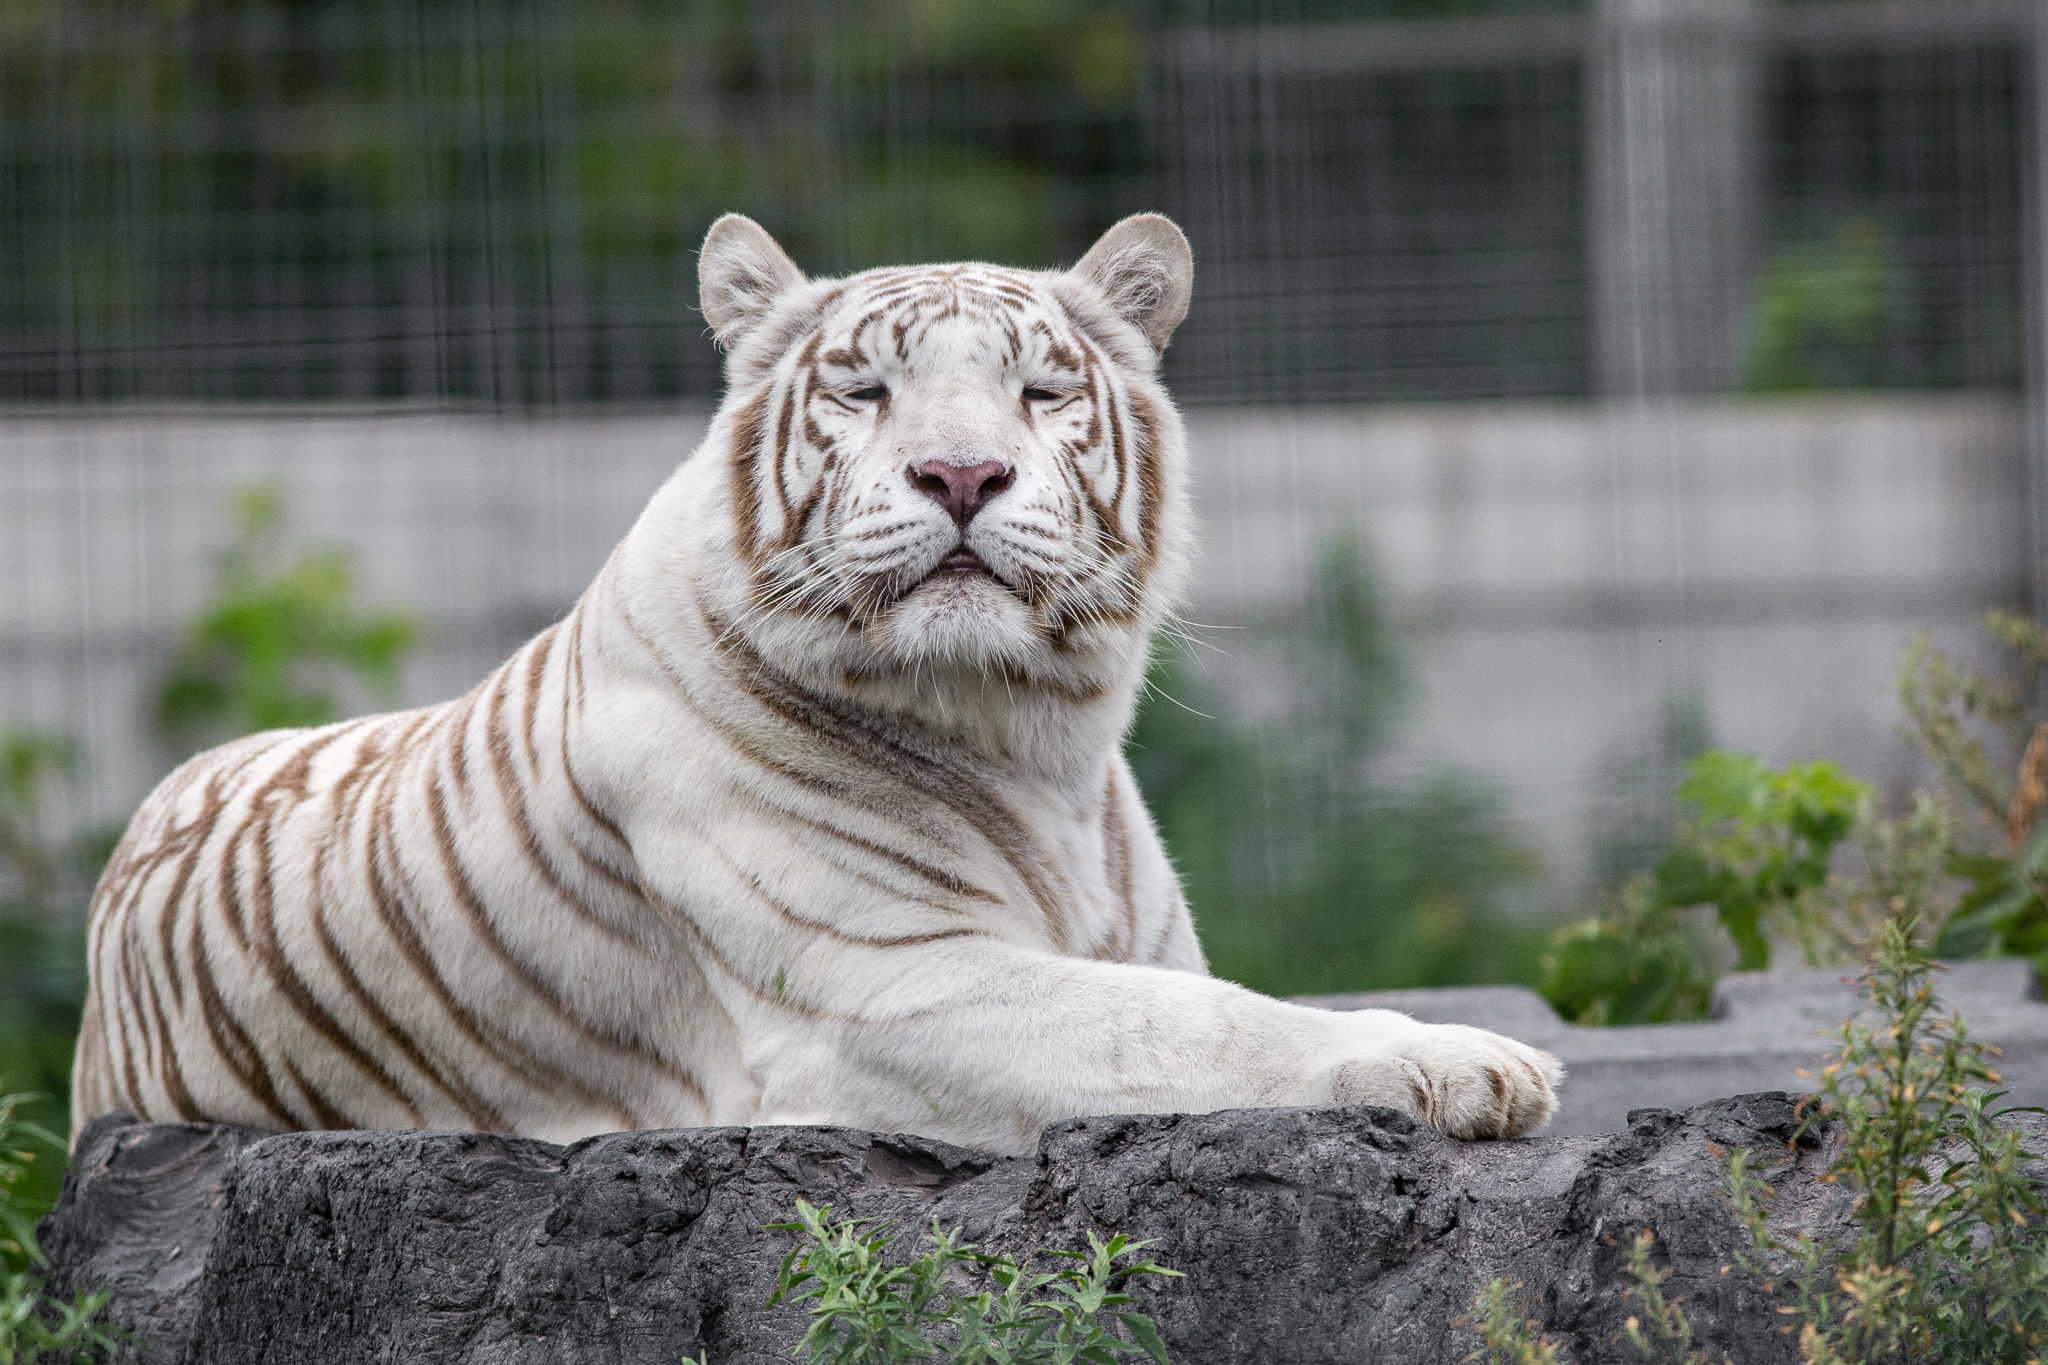 bigcats-20150808115903.jpg